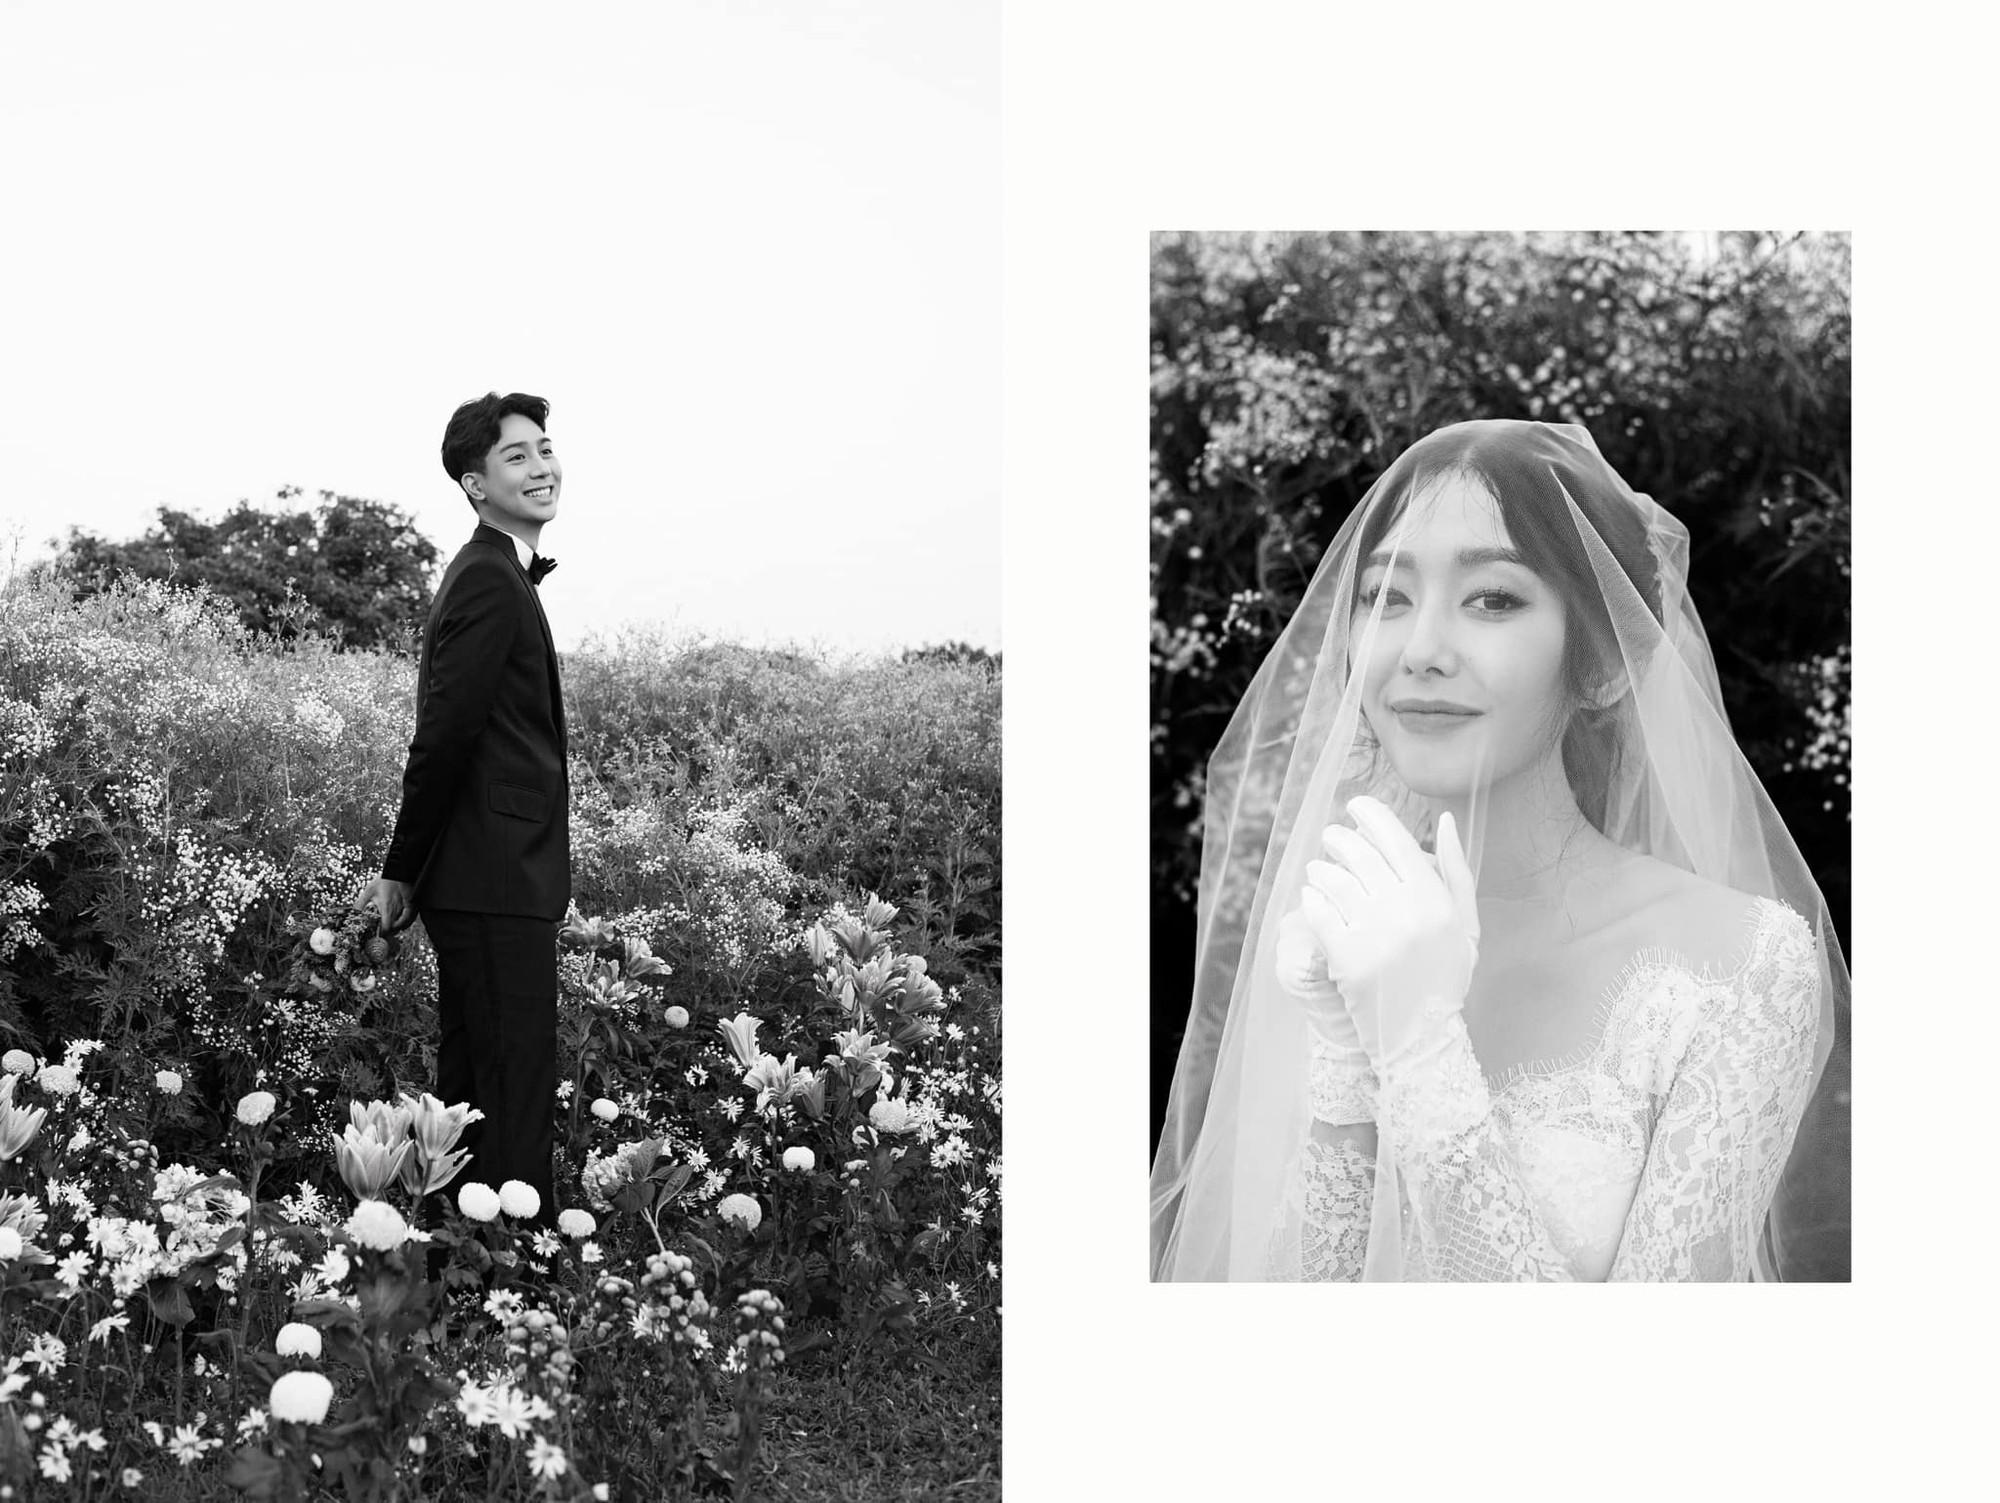 Xài chiêu cưa cẩm bằng trà sữa, chàng chủ shop điển trai cưới được luôn nàng mẫu ảnh xinh như Yoon Eun Hye - Ảnh 8.